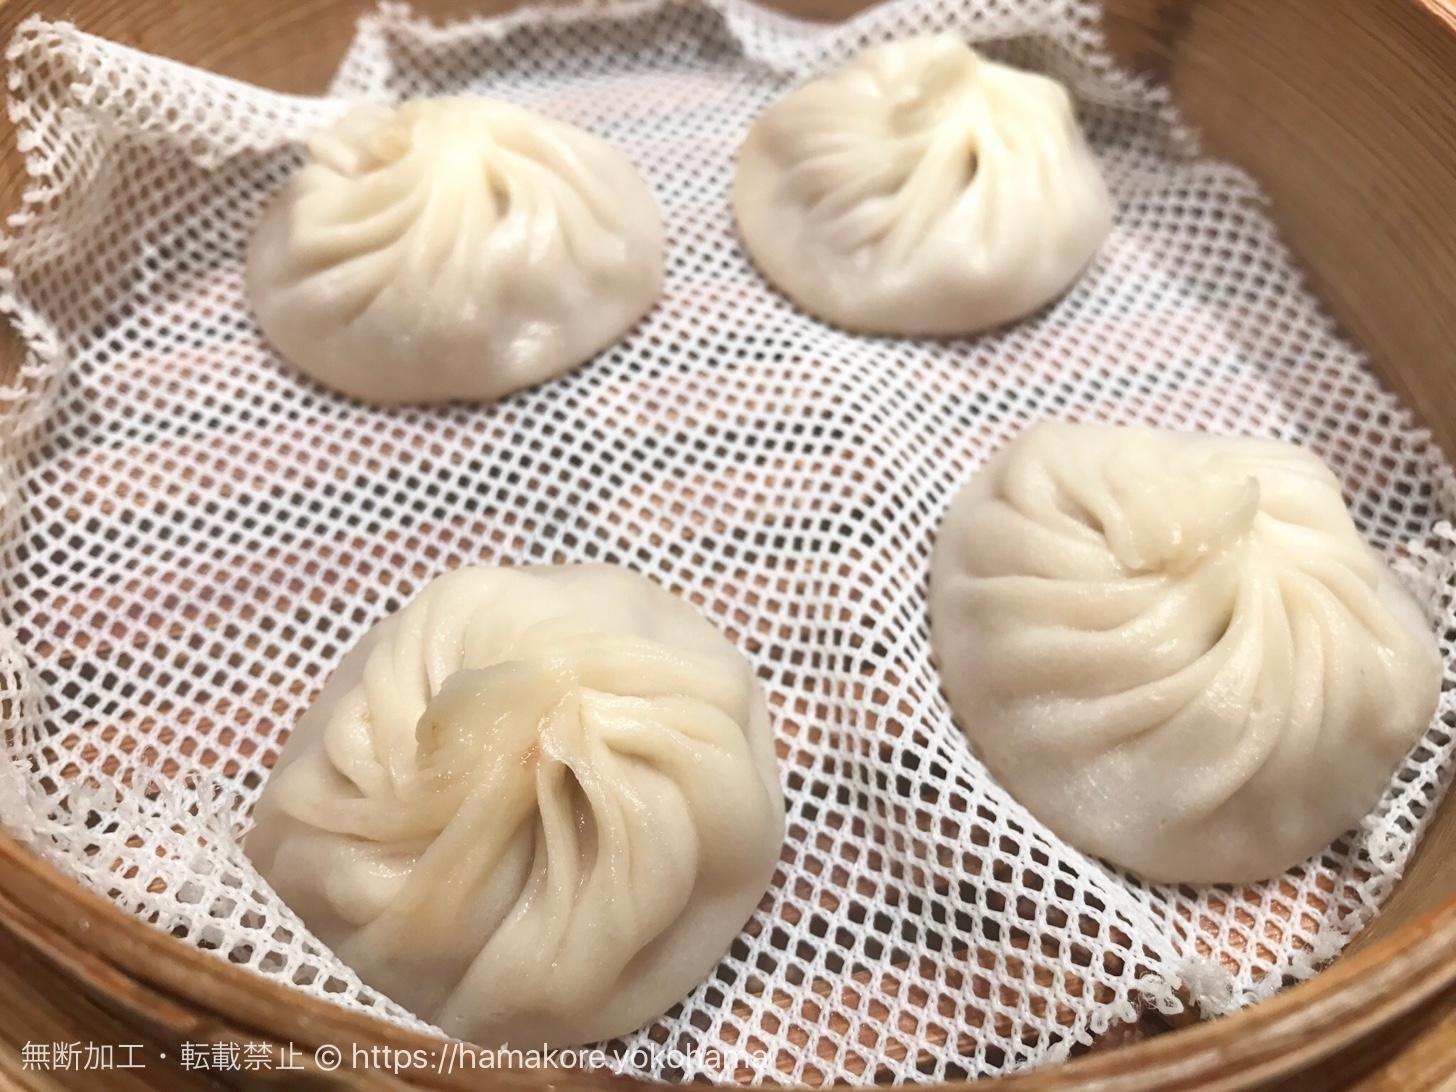 横浜高島屋「鼎泰豐(ディンタイフォン)」の小籠包はもちろん担々麺が超本格的で単品でも攻めたい!